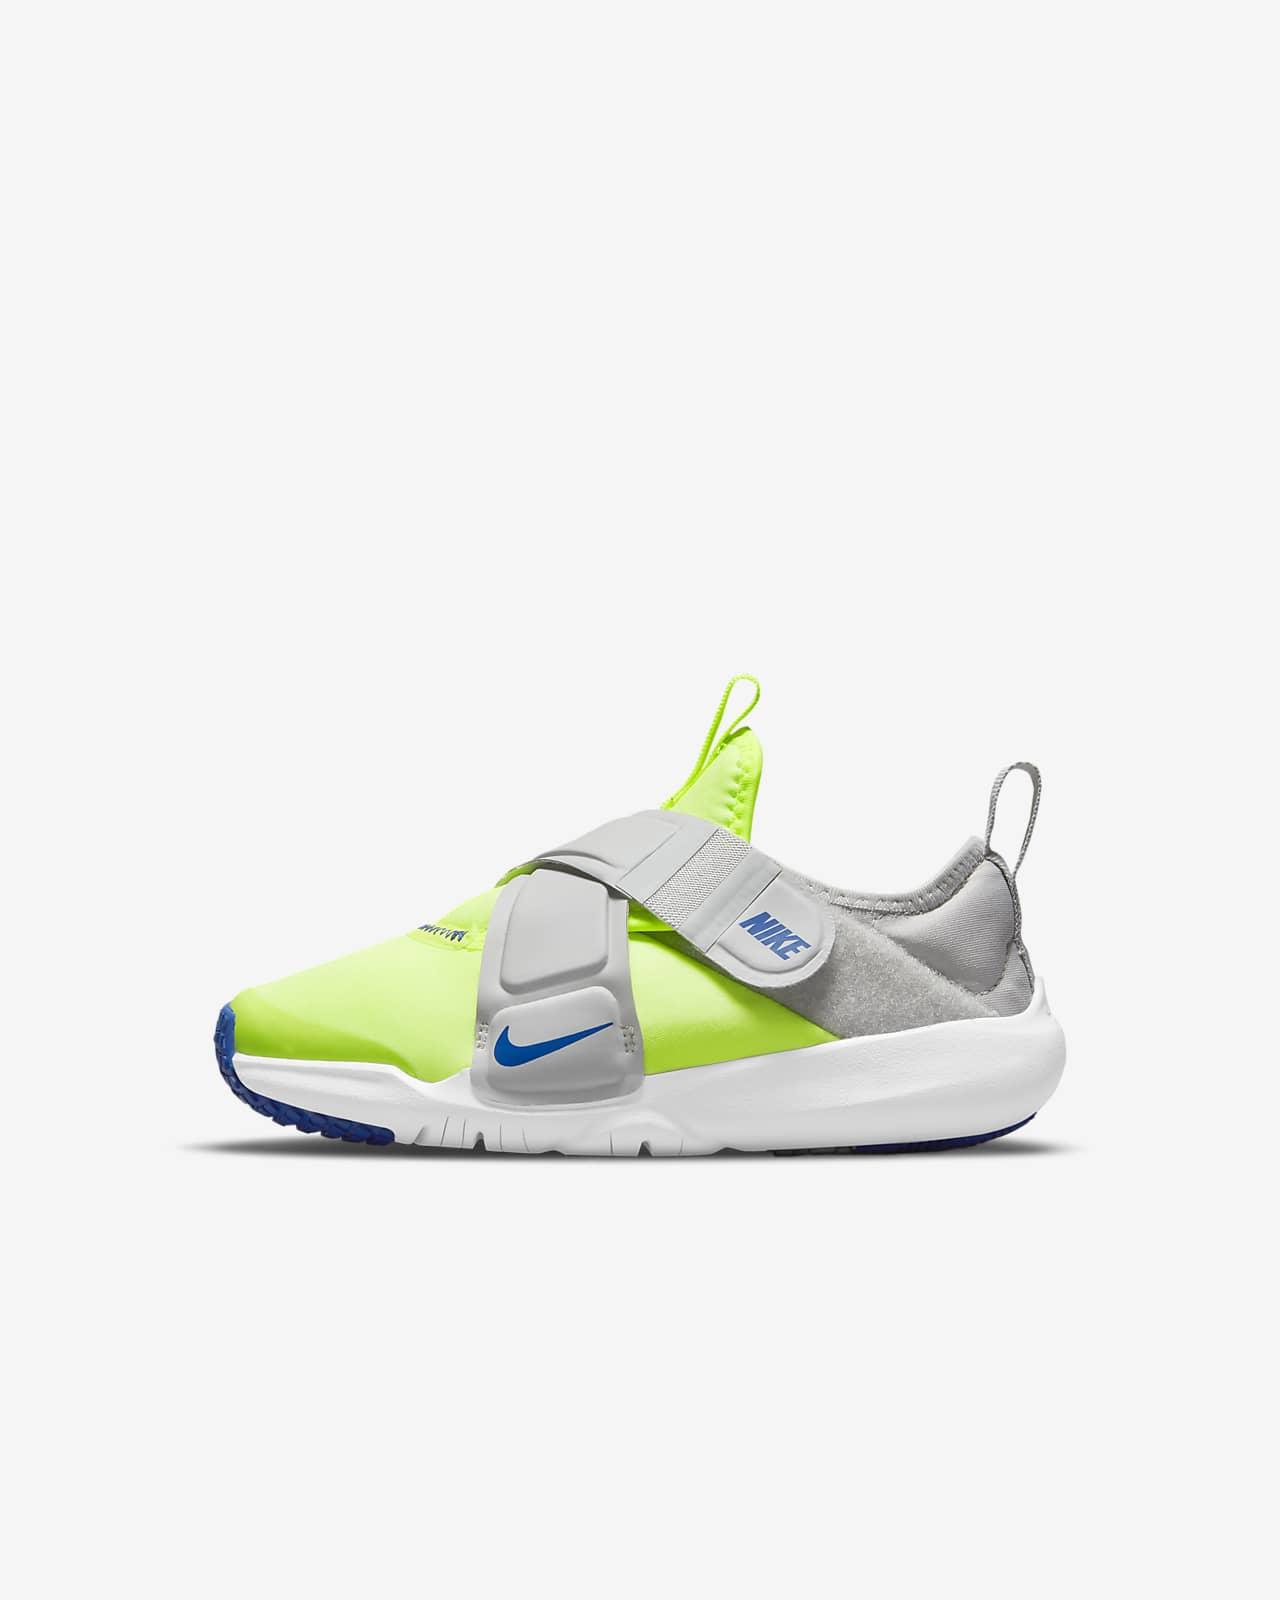 Παπούτσι Nike Flex Advance για μικρά παιδιά